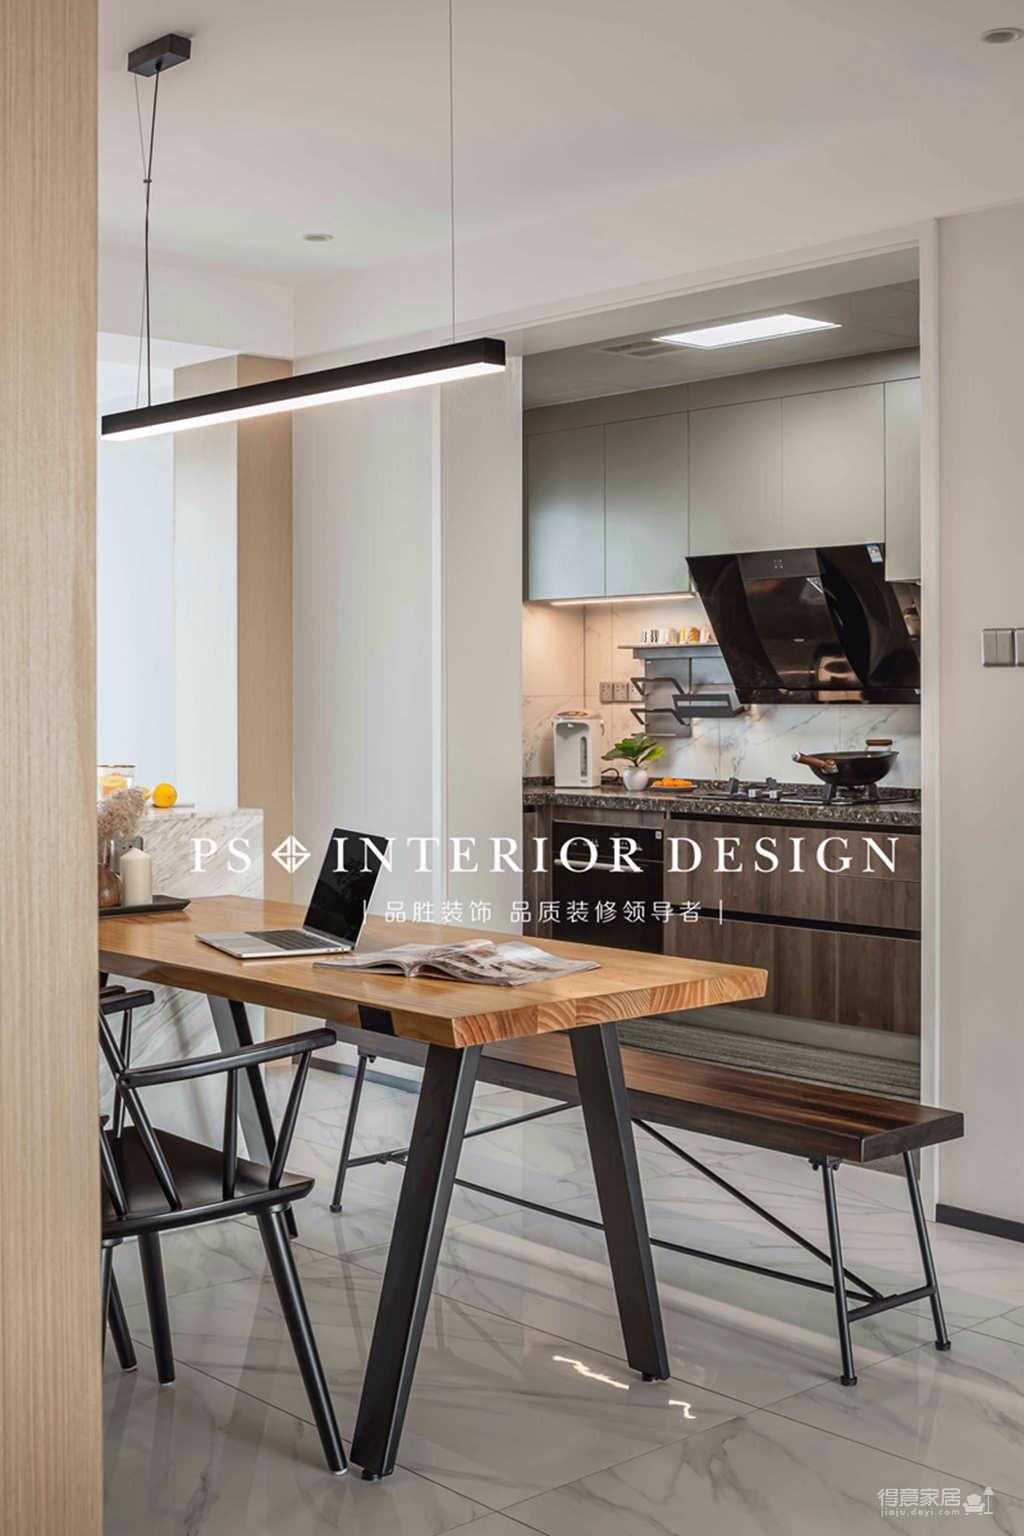 银湖翡翠-两居室原创案例设计分享图_9